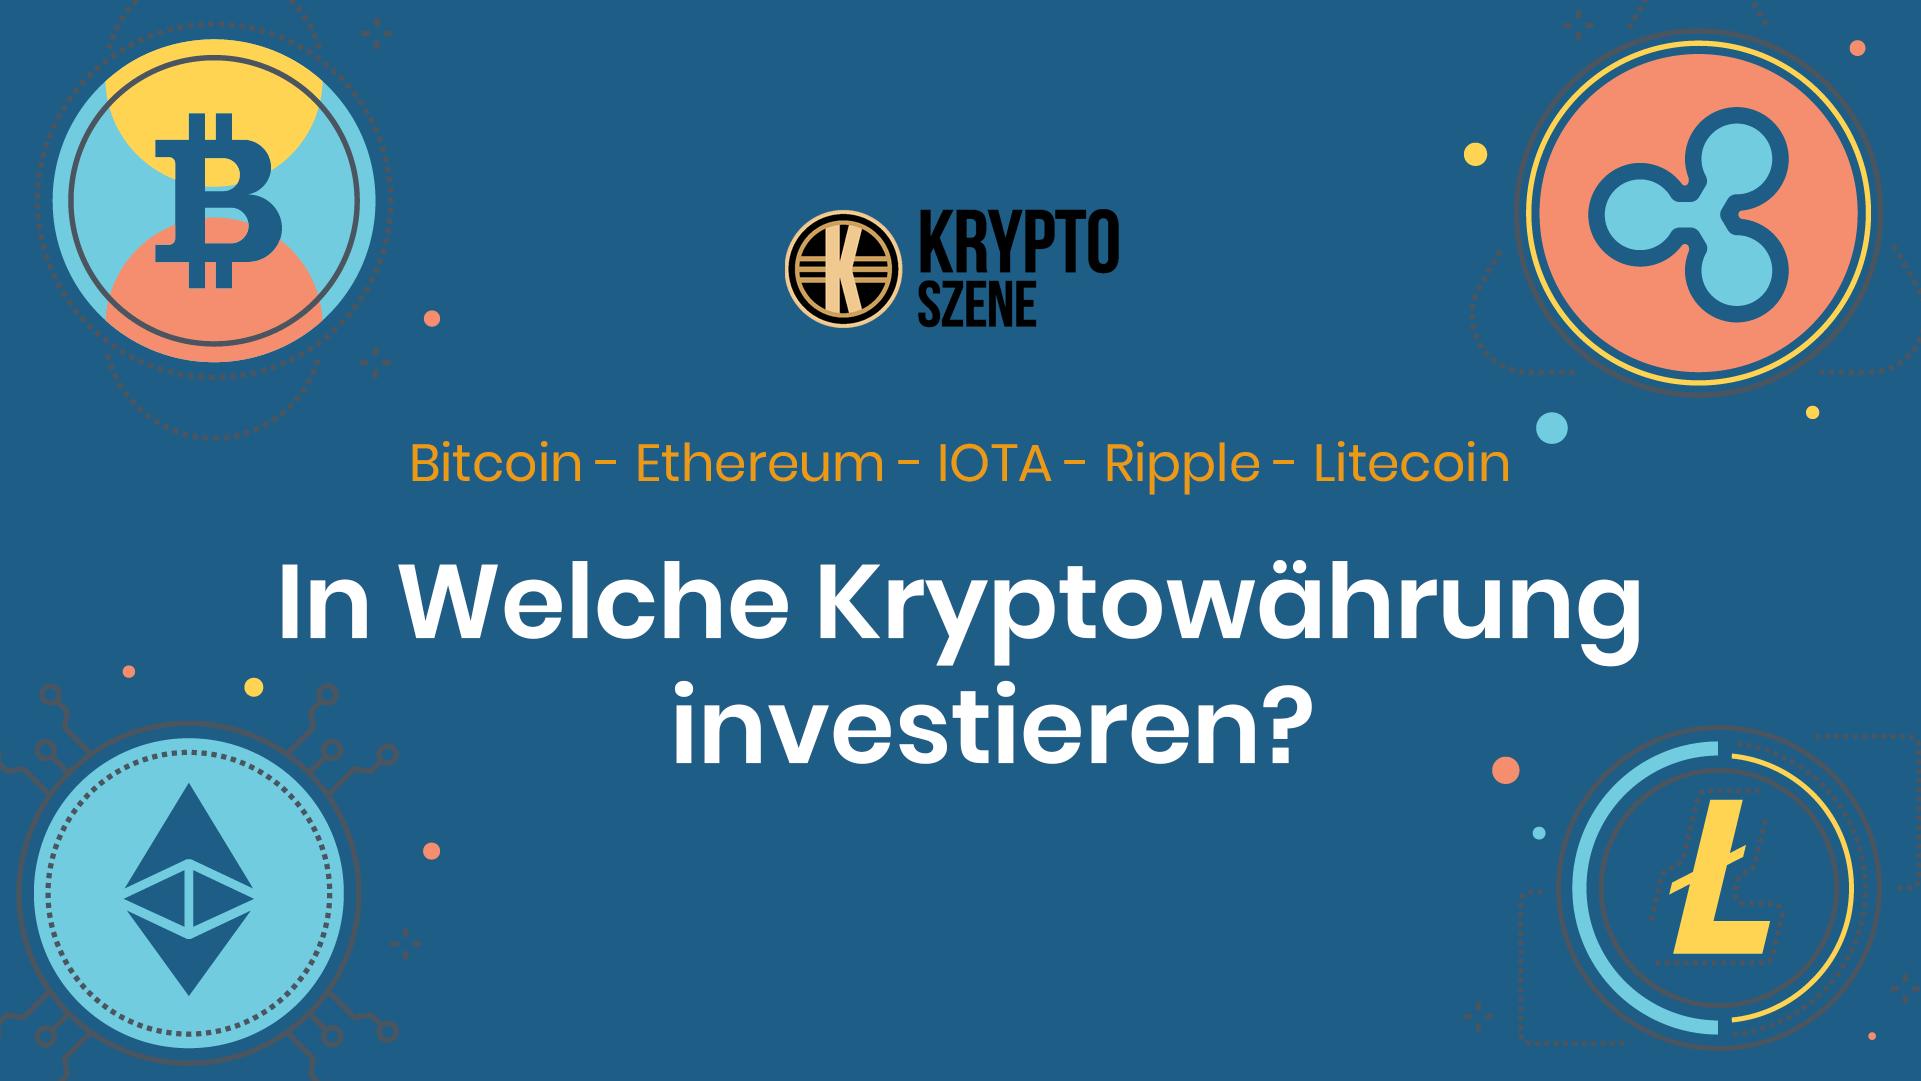 gute neue kryptowährung in die investiert werden soll anfänger im krypto-handel